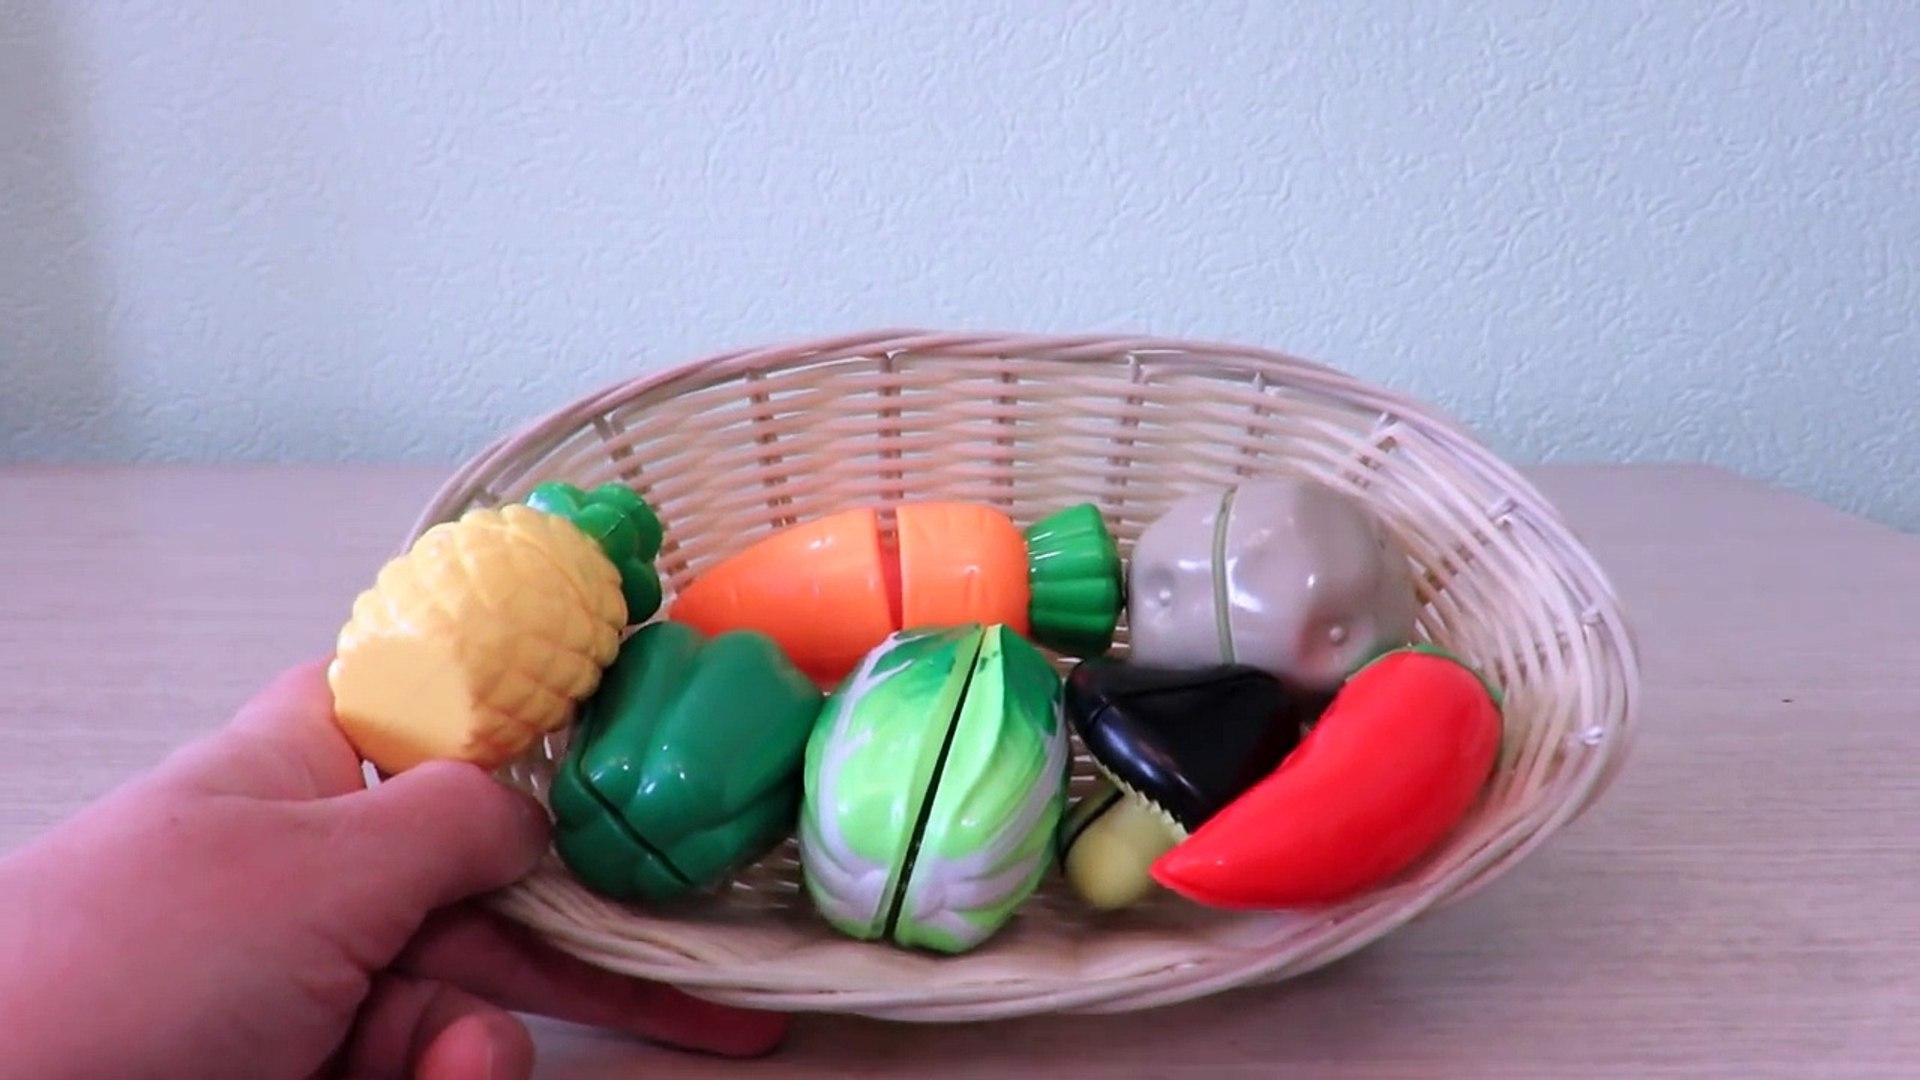 Videos for childrens Vegetables eating vegetables fun учимся готовить игрушечные овощи